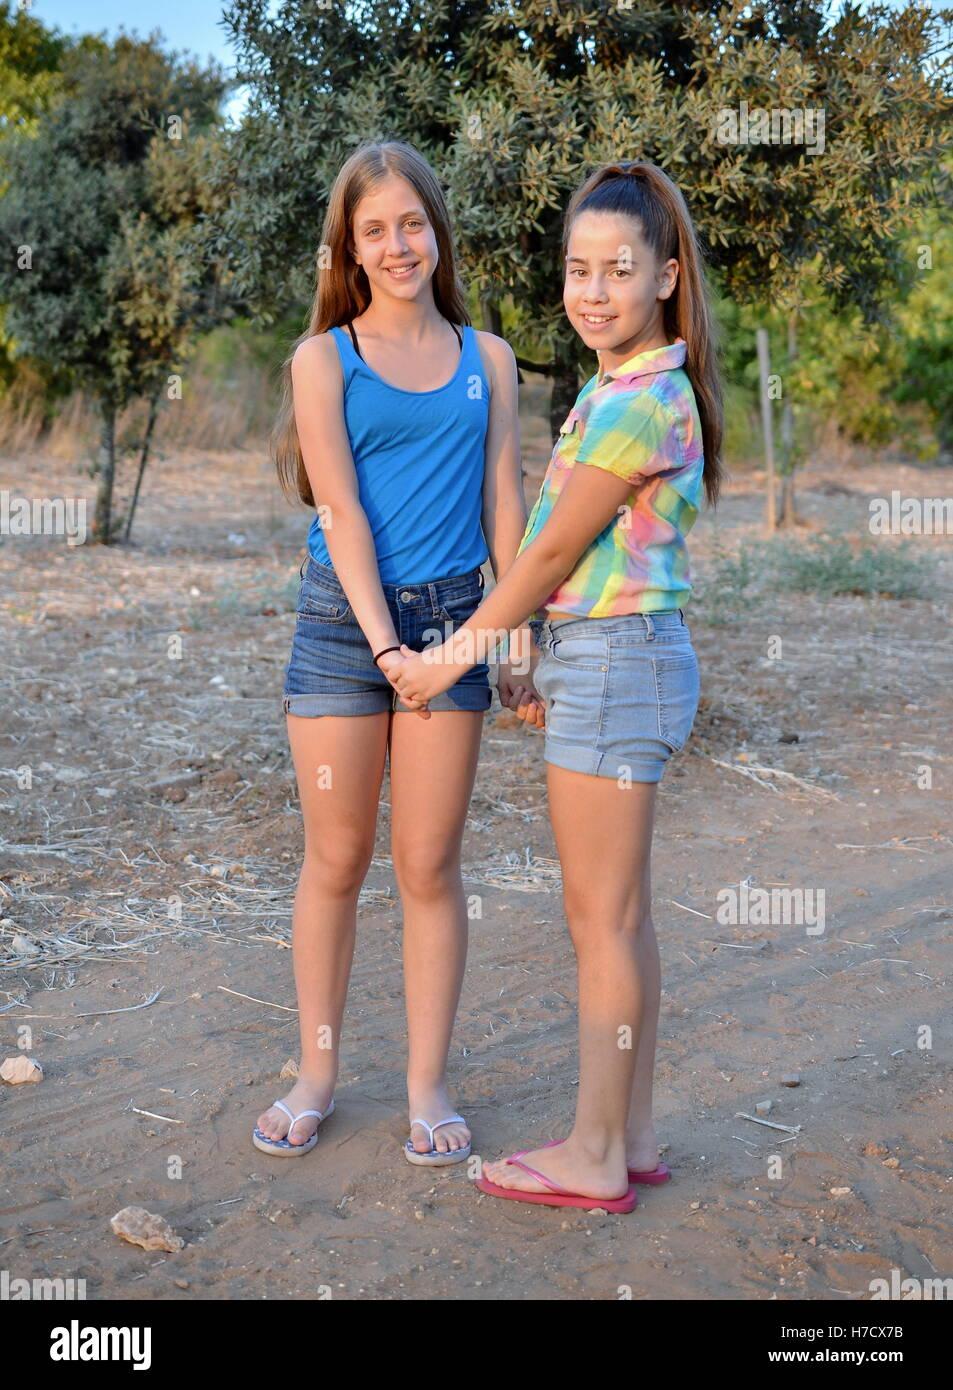 12 Best Ruco Chan Images On Pinterest: Zwei 12-jährige Mädchen Hand In